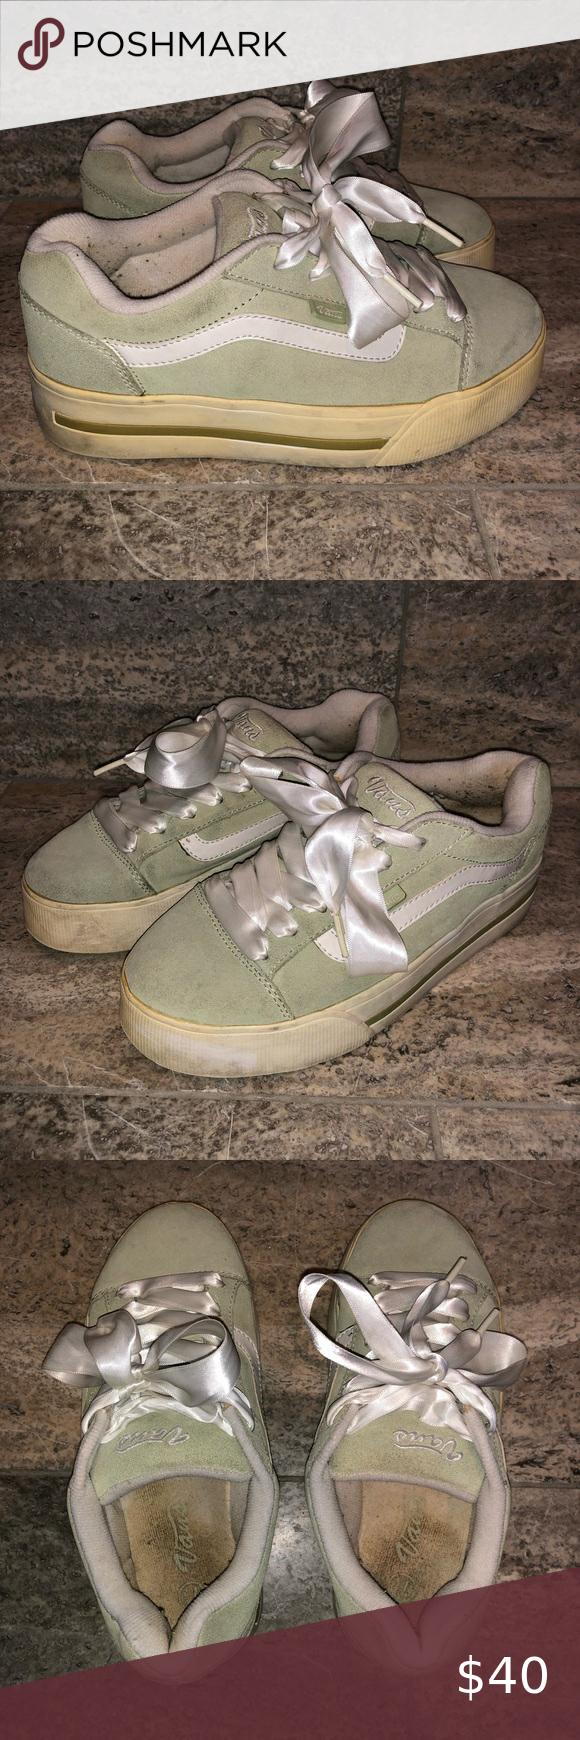 Vintage 90s Vans Teal Platform Shoes In 2020 Platform Shoes 90s Vans Vans